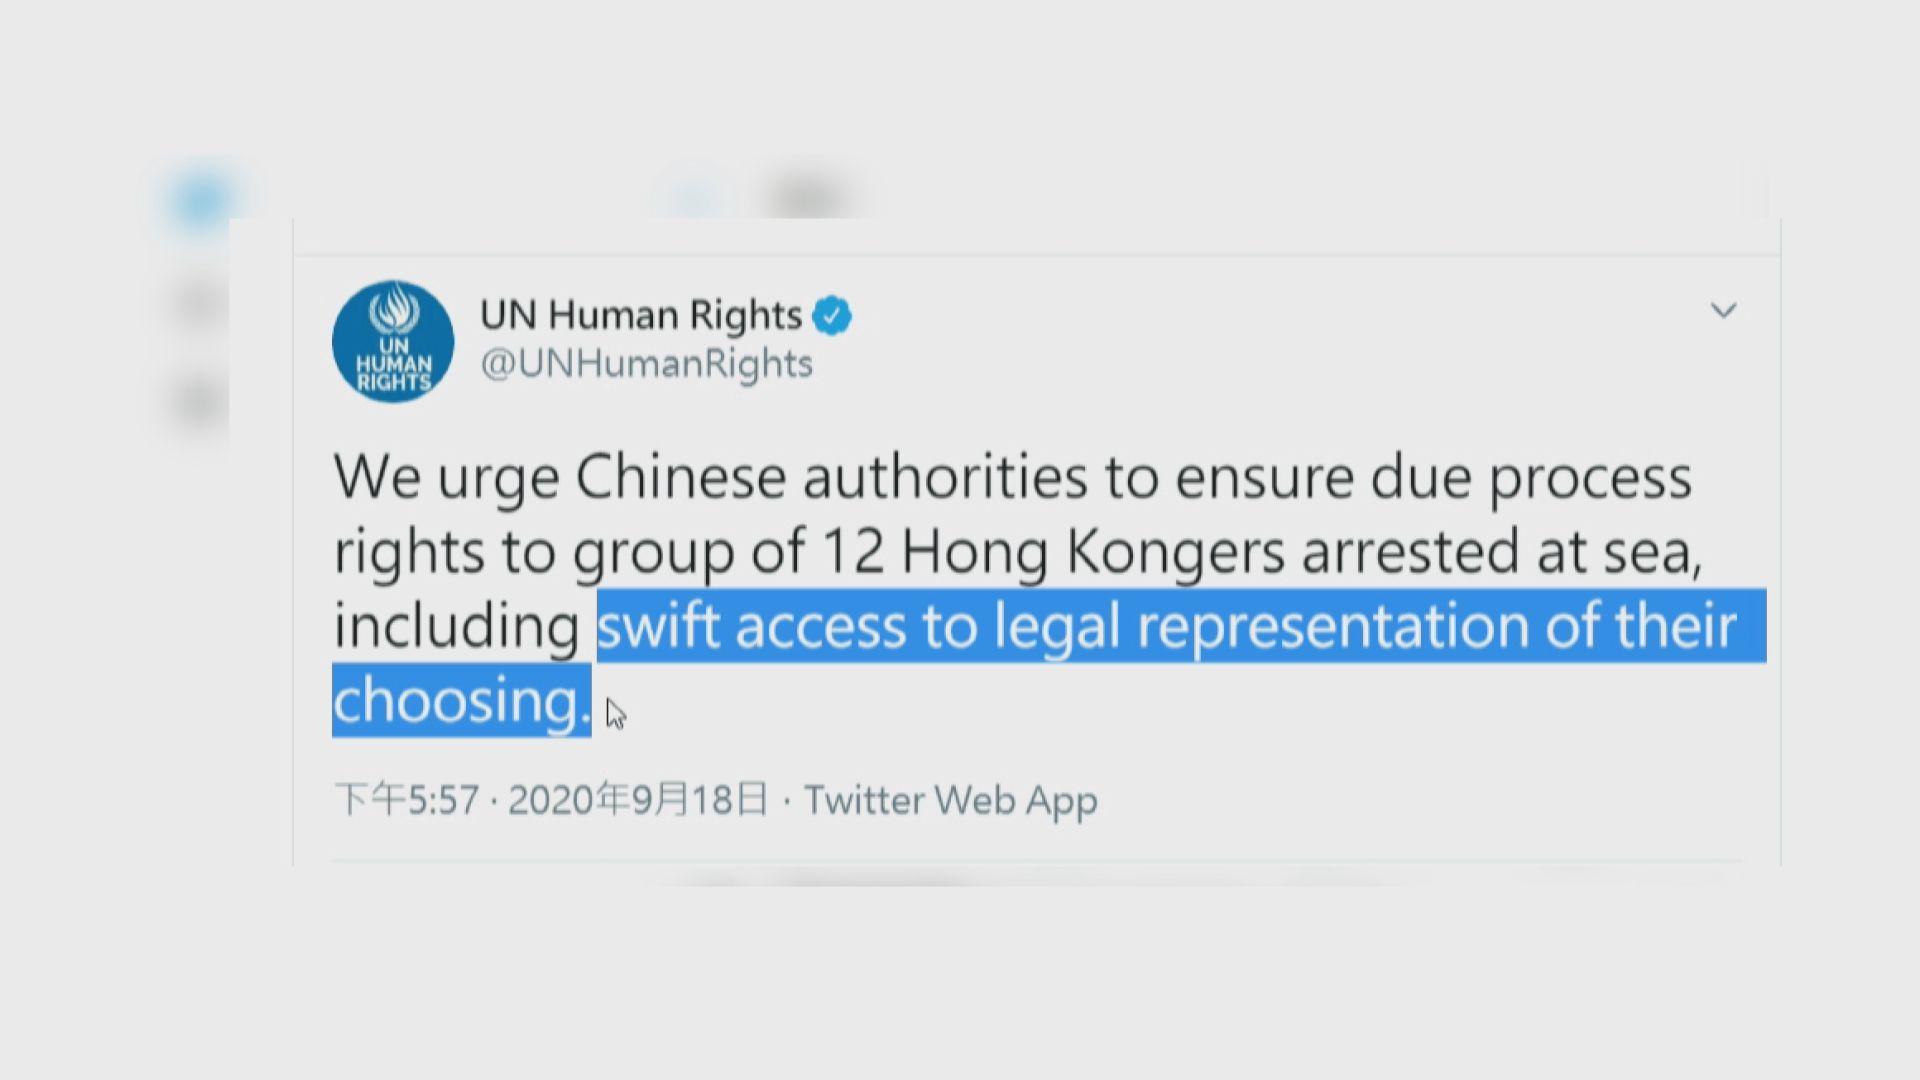 聯合國促中國當局讓被扣港人接觸所選律師